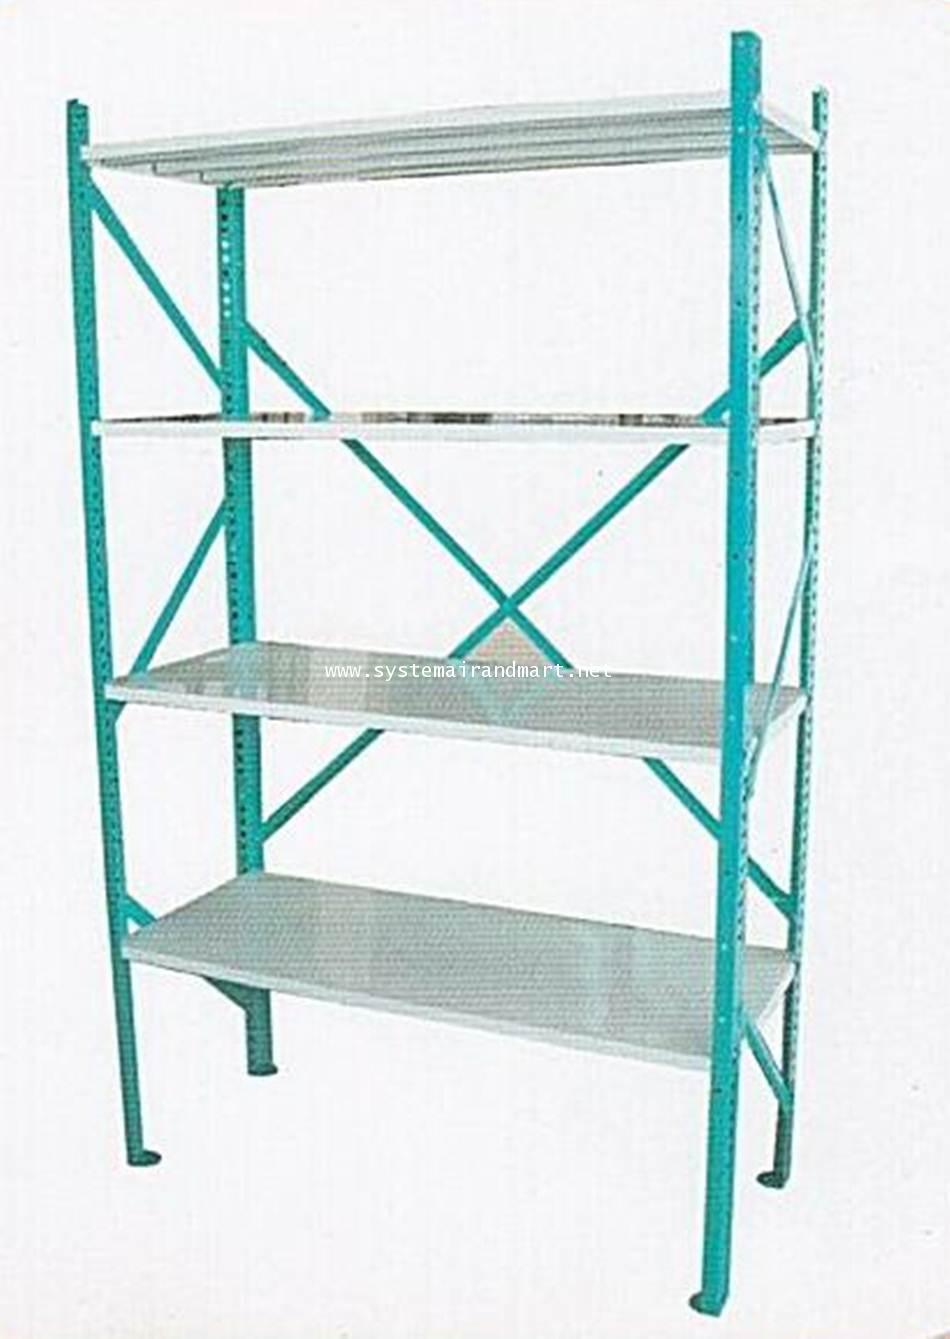 ชั้นแลคสตีล เซฟวิ่ง 4 ชั้น Rack Steel Shelving 120cm